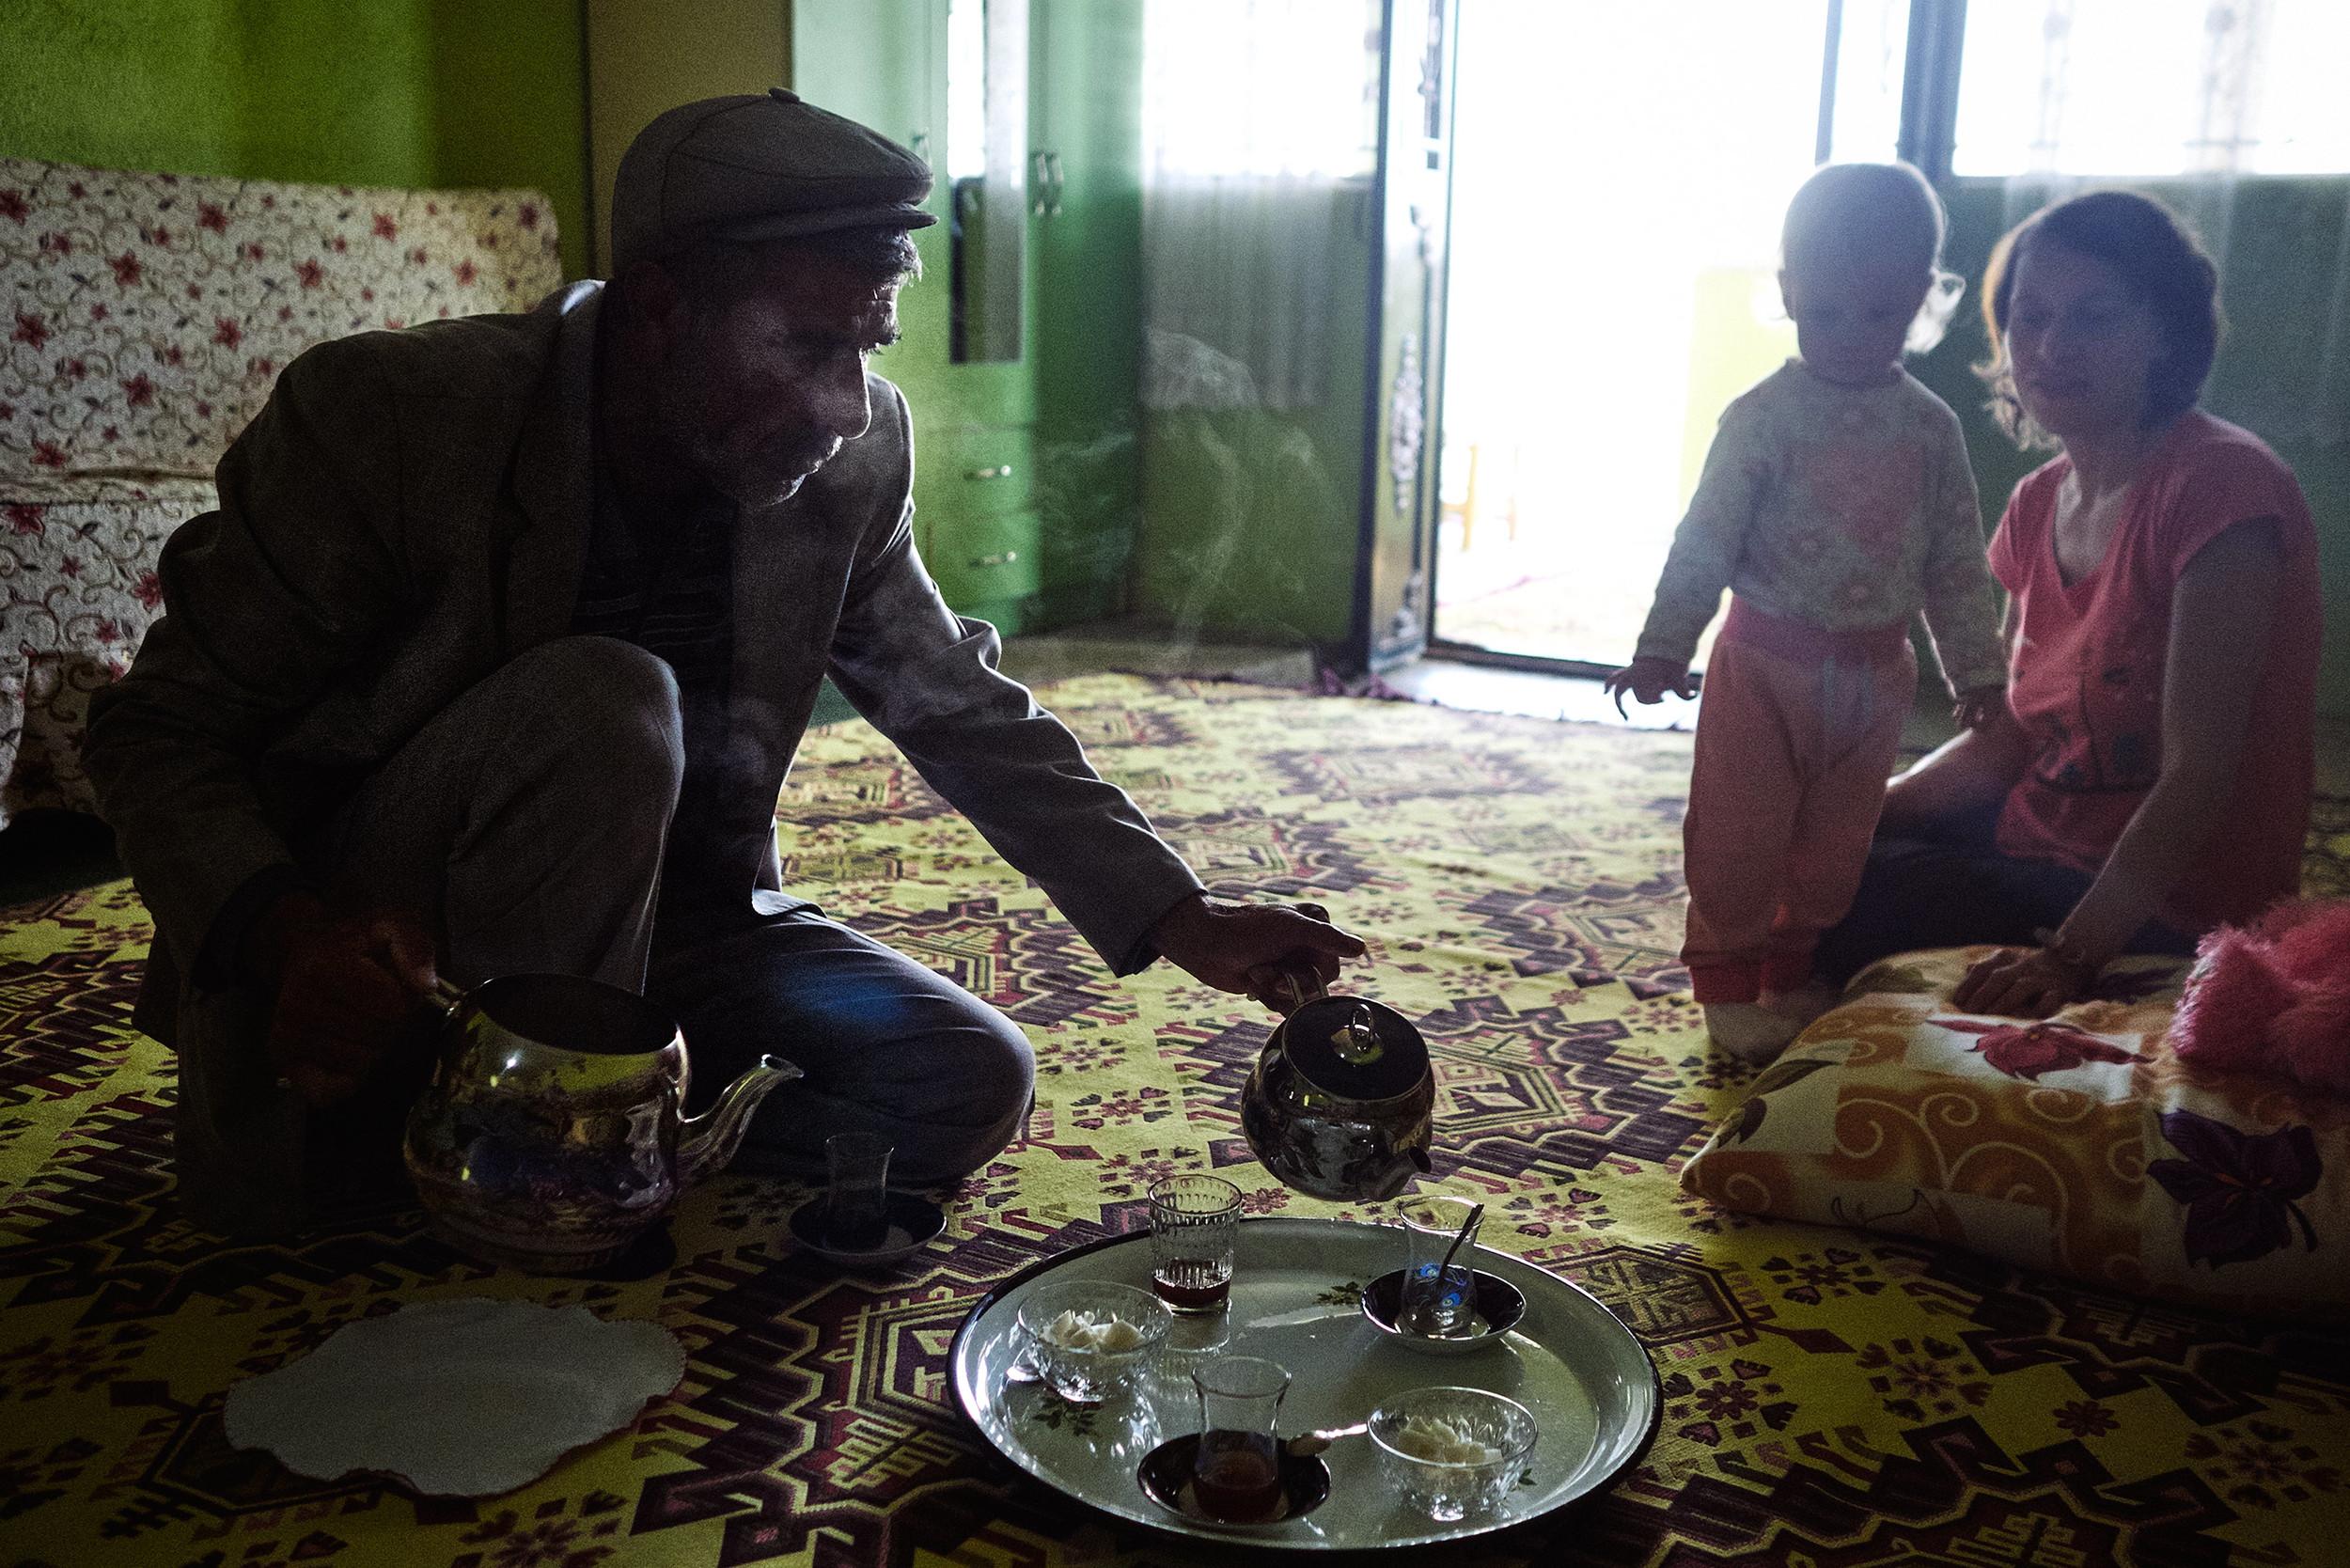 Mustafa pouring tea while Mia watches